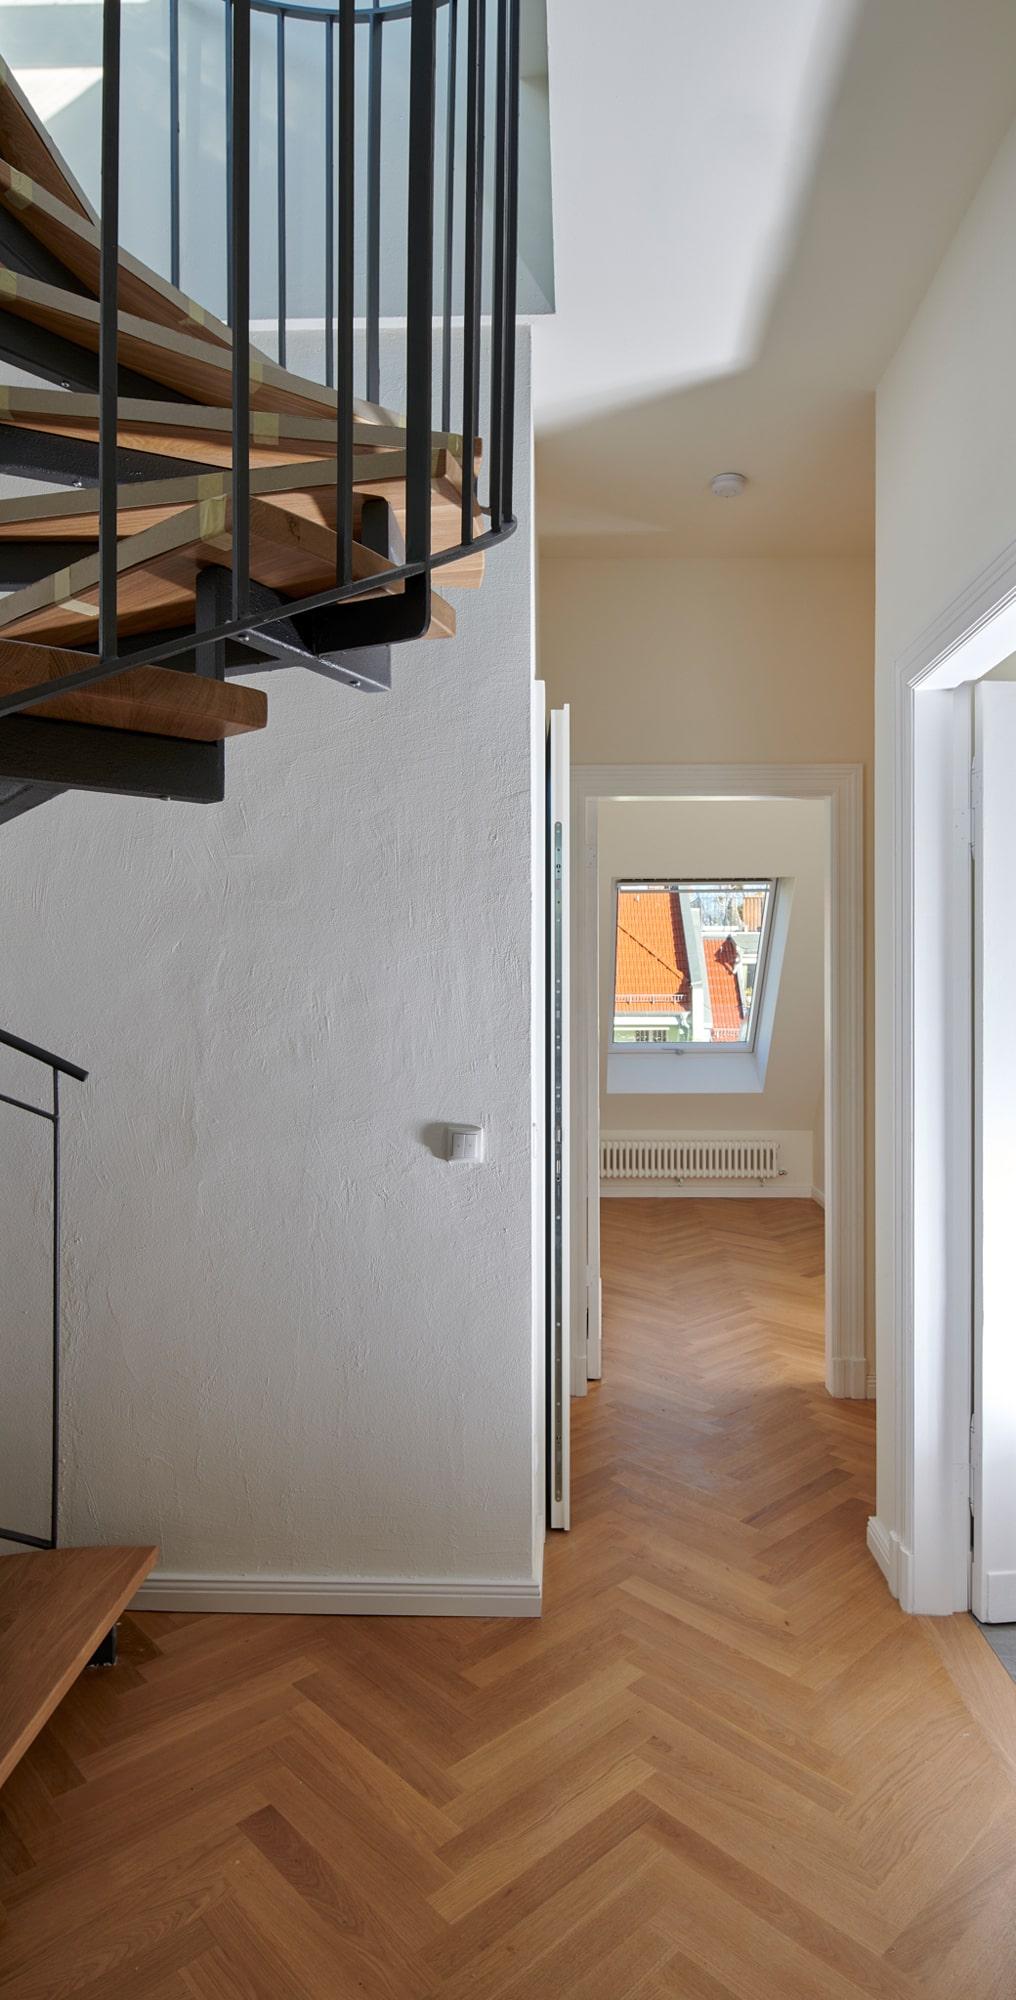 Gabriele Riesner, Architektin, Berlin, Dachgeschossausbau eines Mietshauses in Berlin-Steglitz, Flur